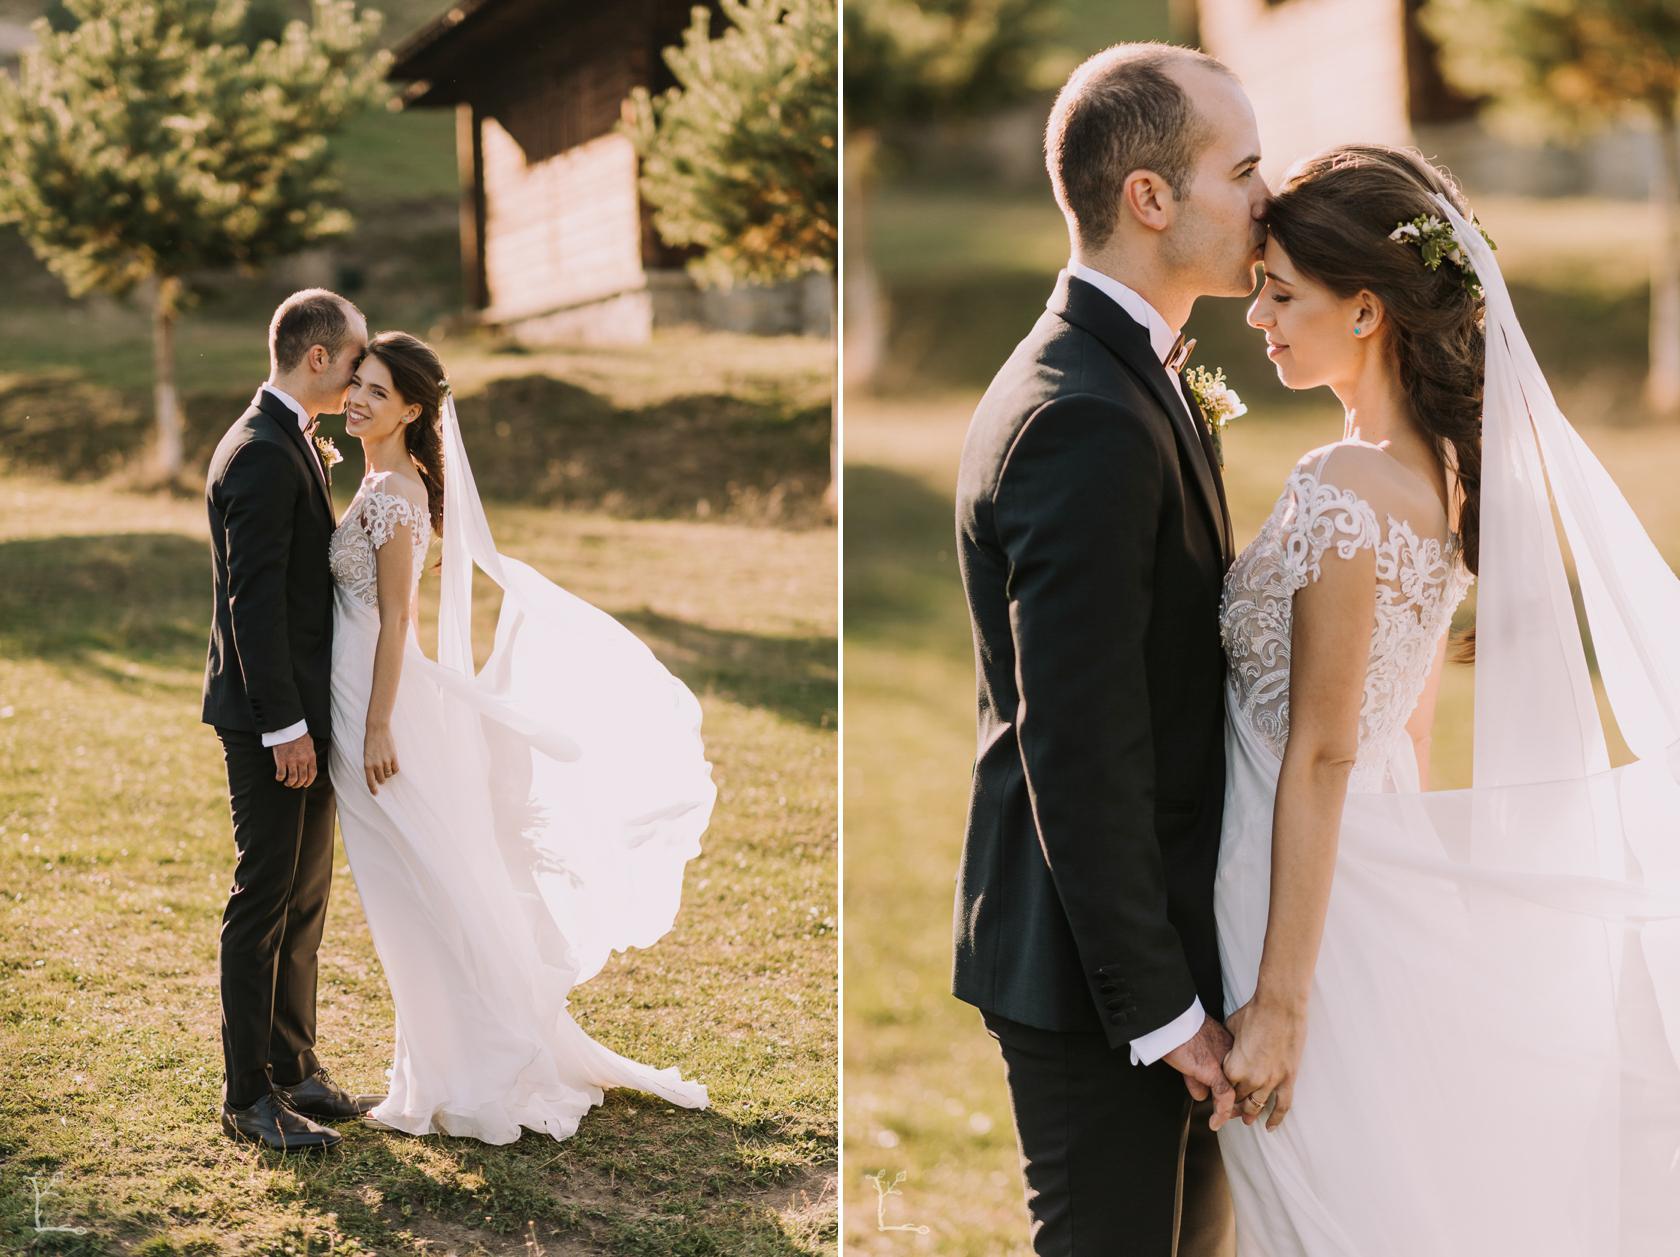 fotograf nunta74